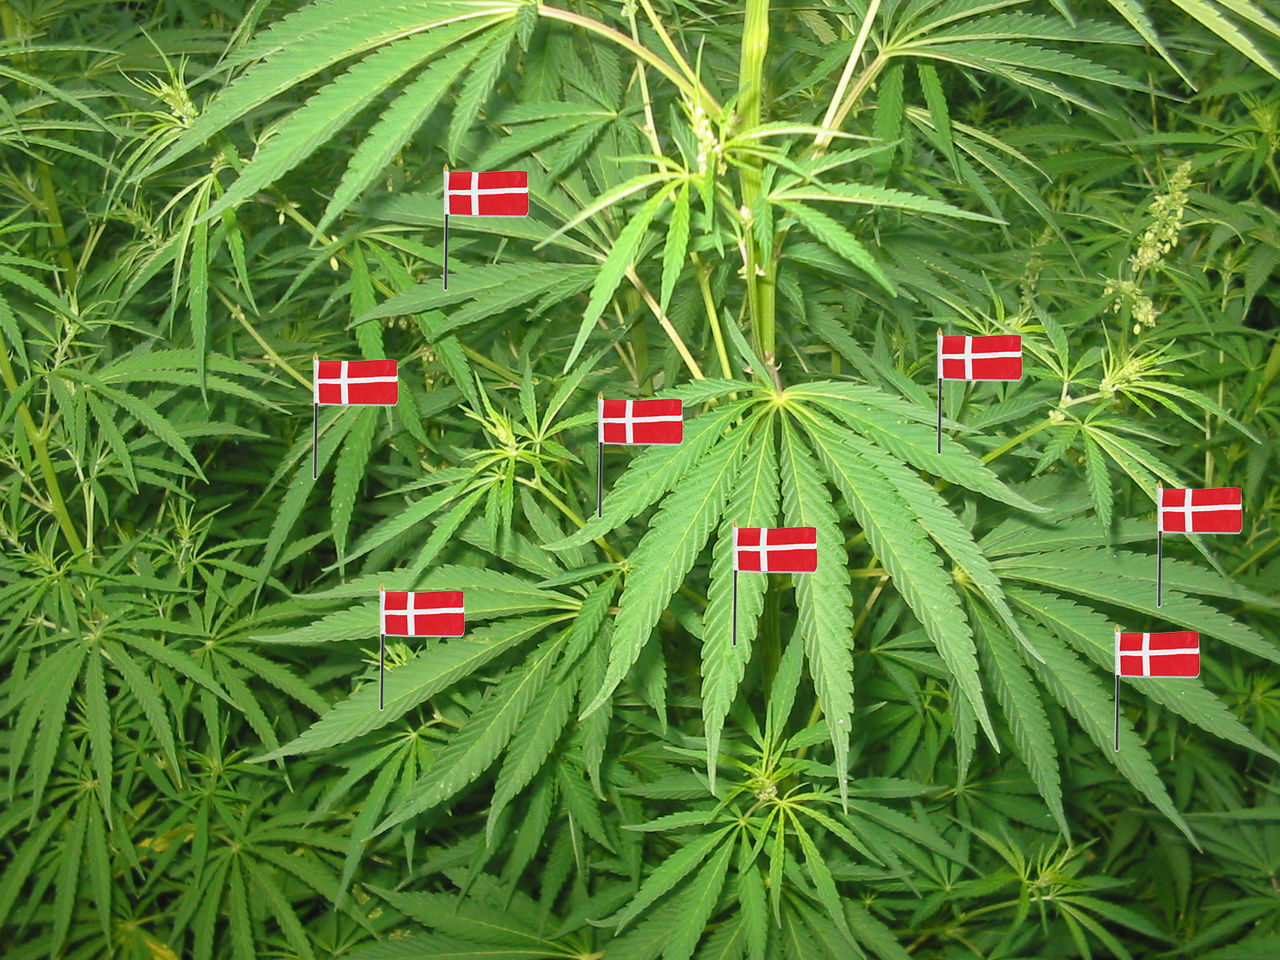 Danmark säger ja till medicinsk cannabis